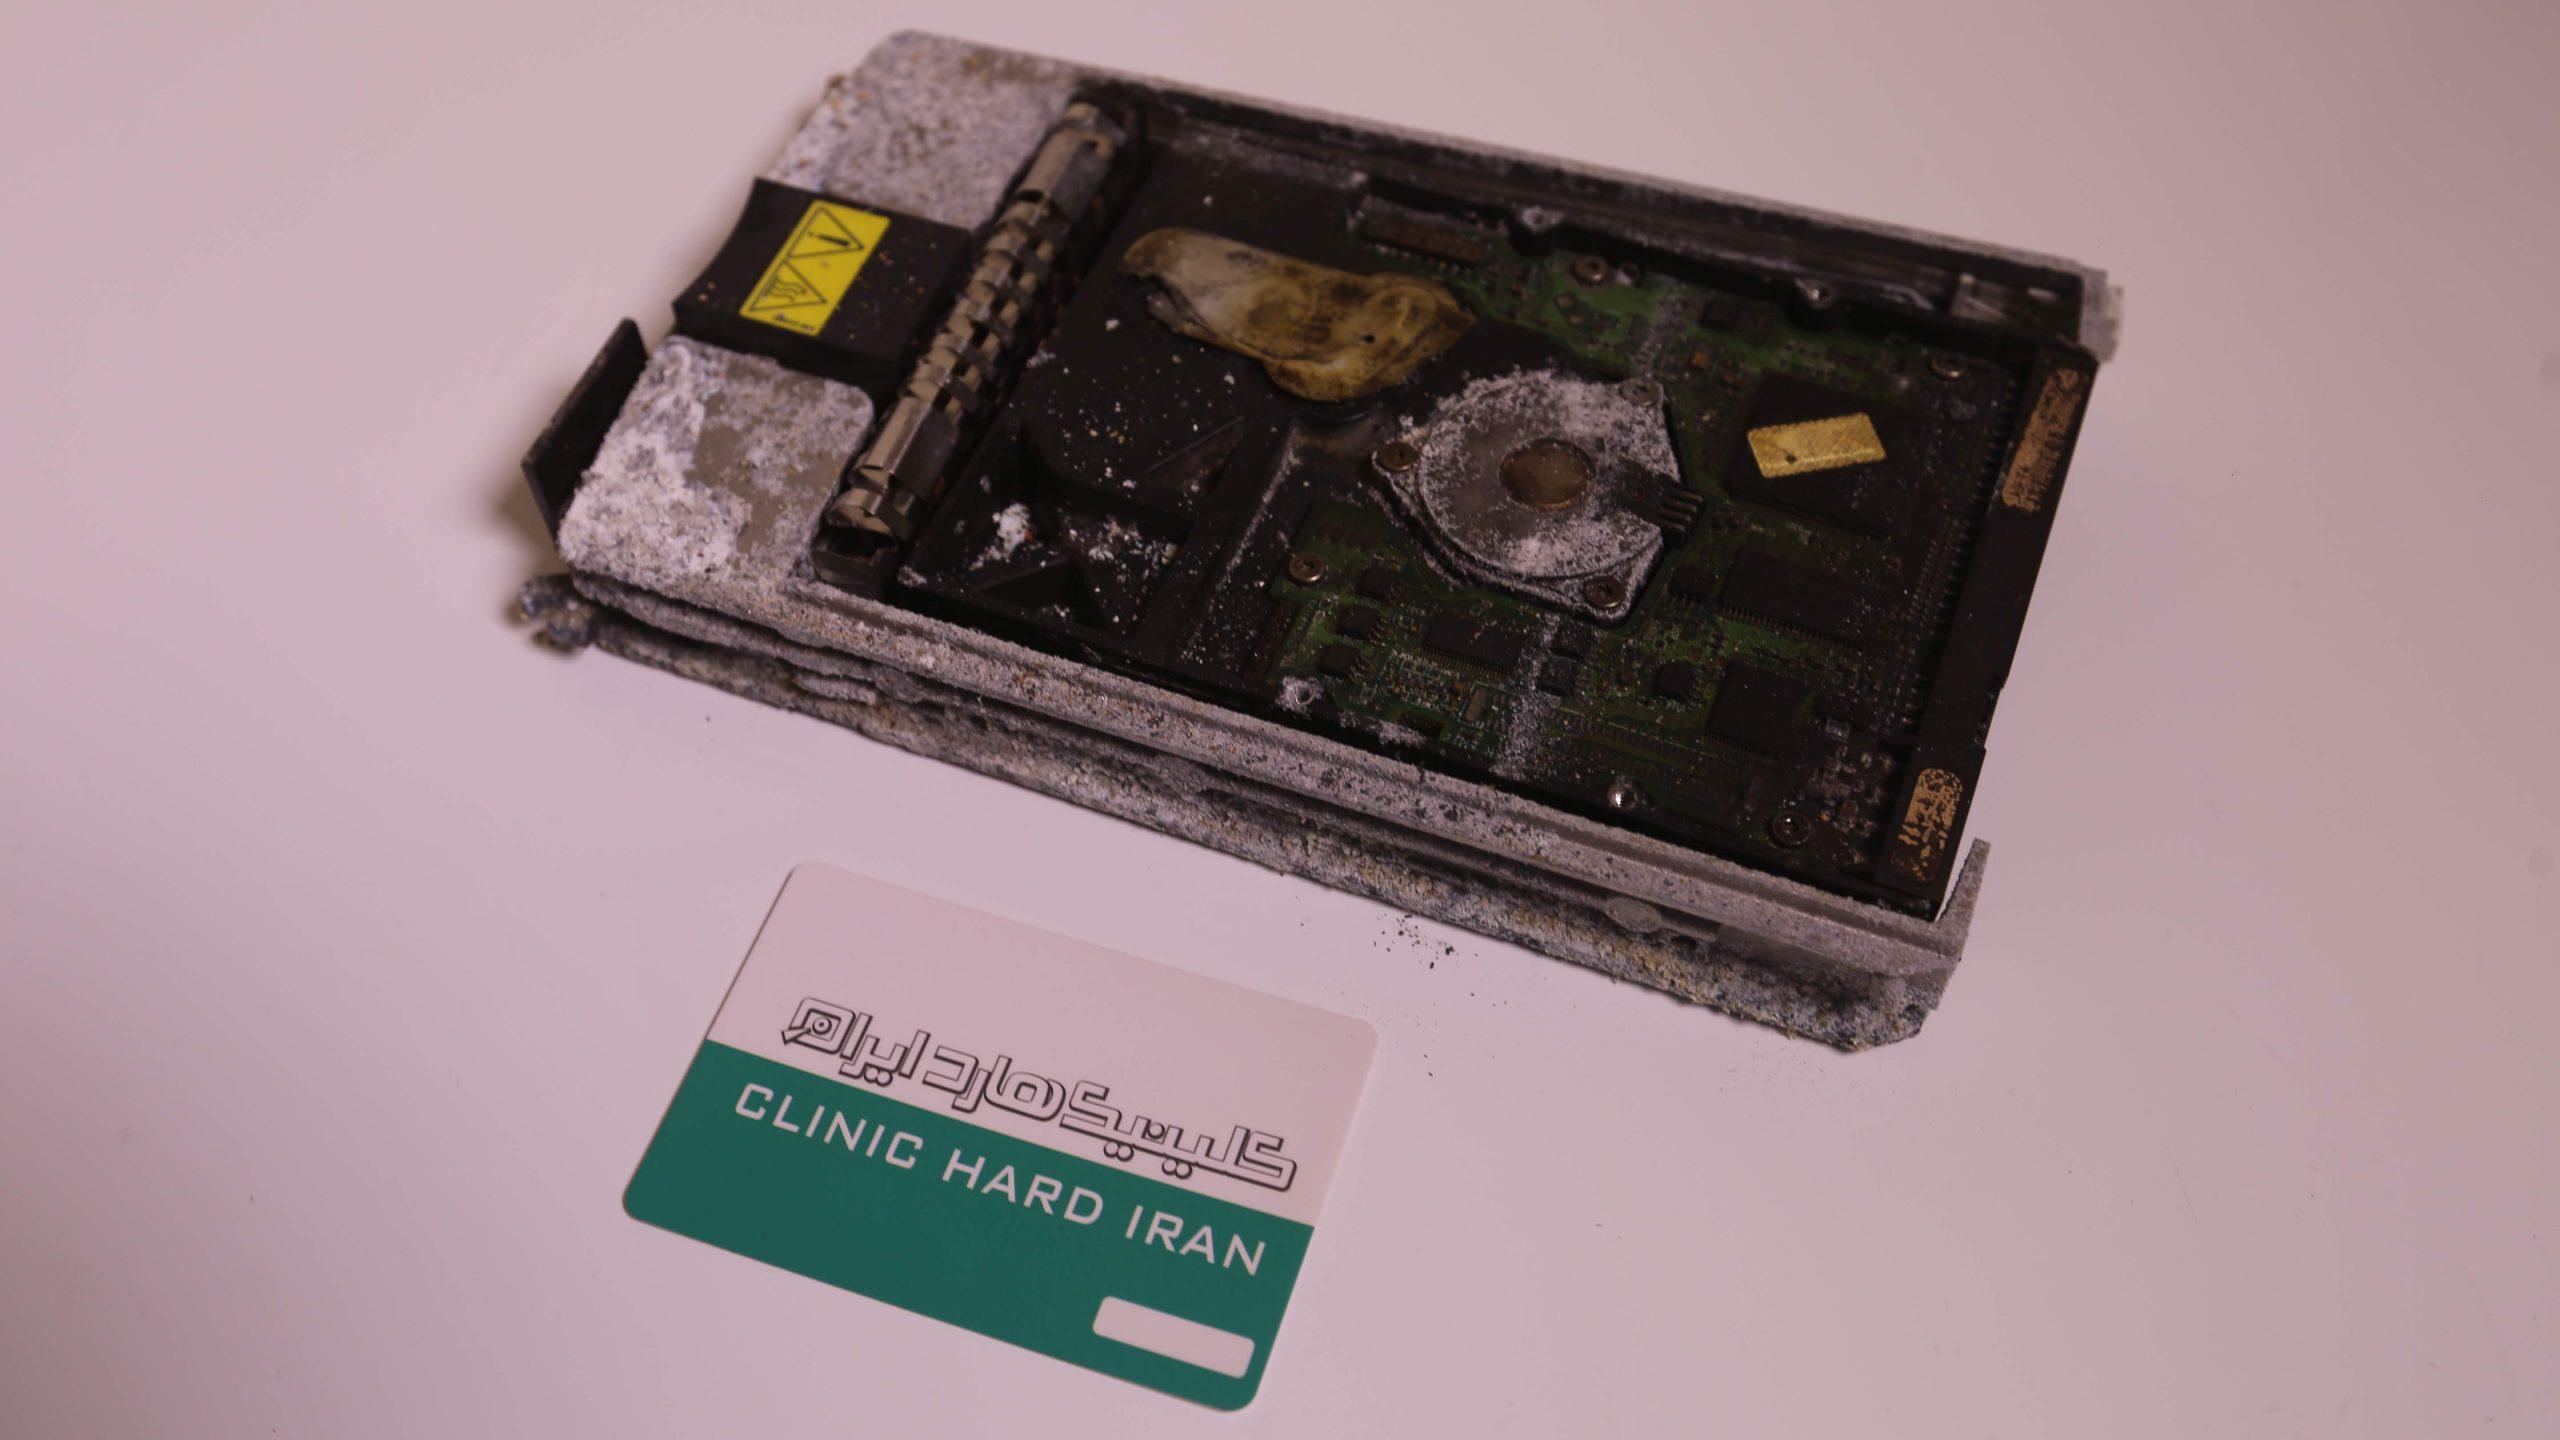 نجات فایلهای حسابداری کارخانه رنگ سوخته